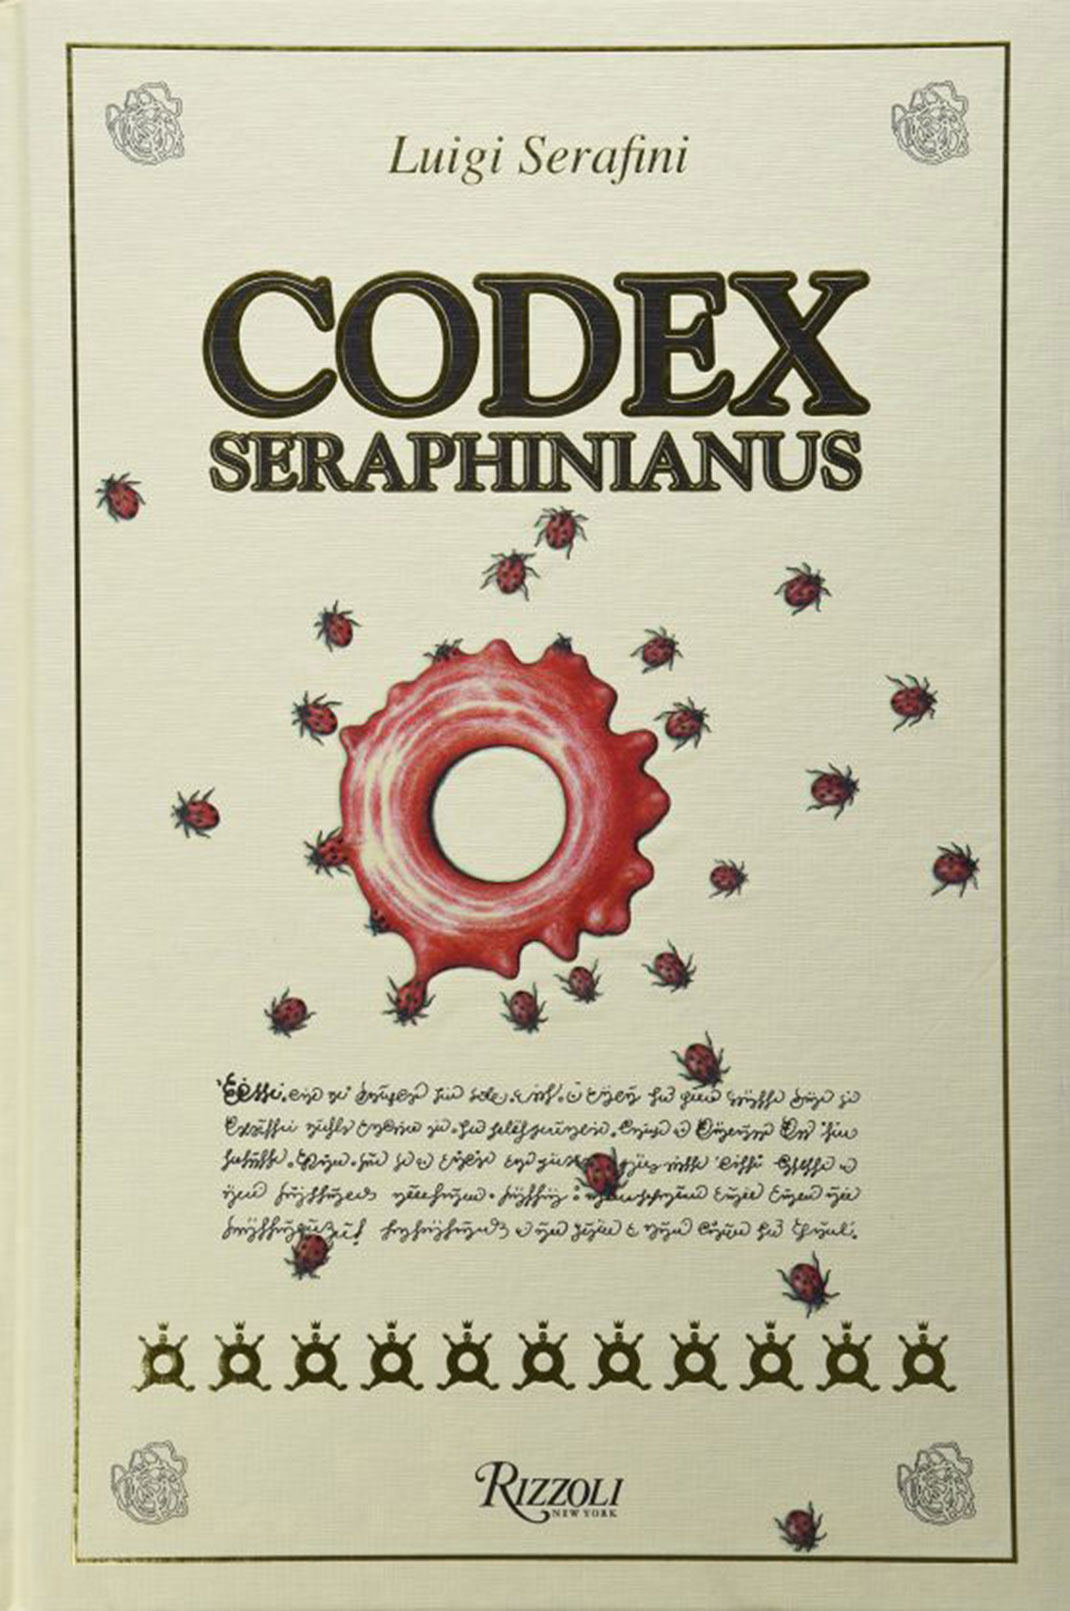 Codex-Seraphinianus-15-